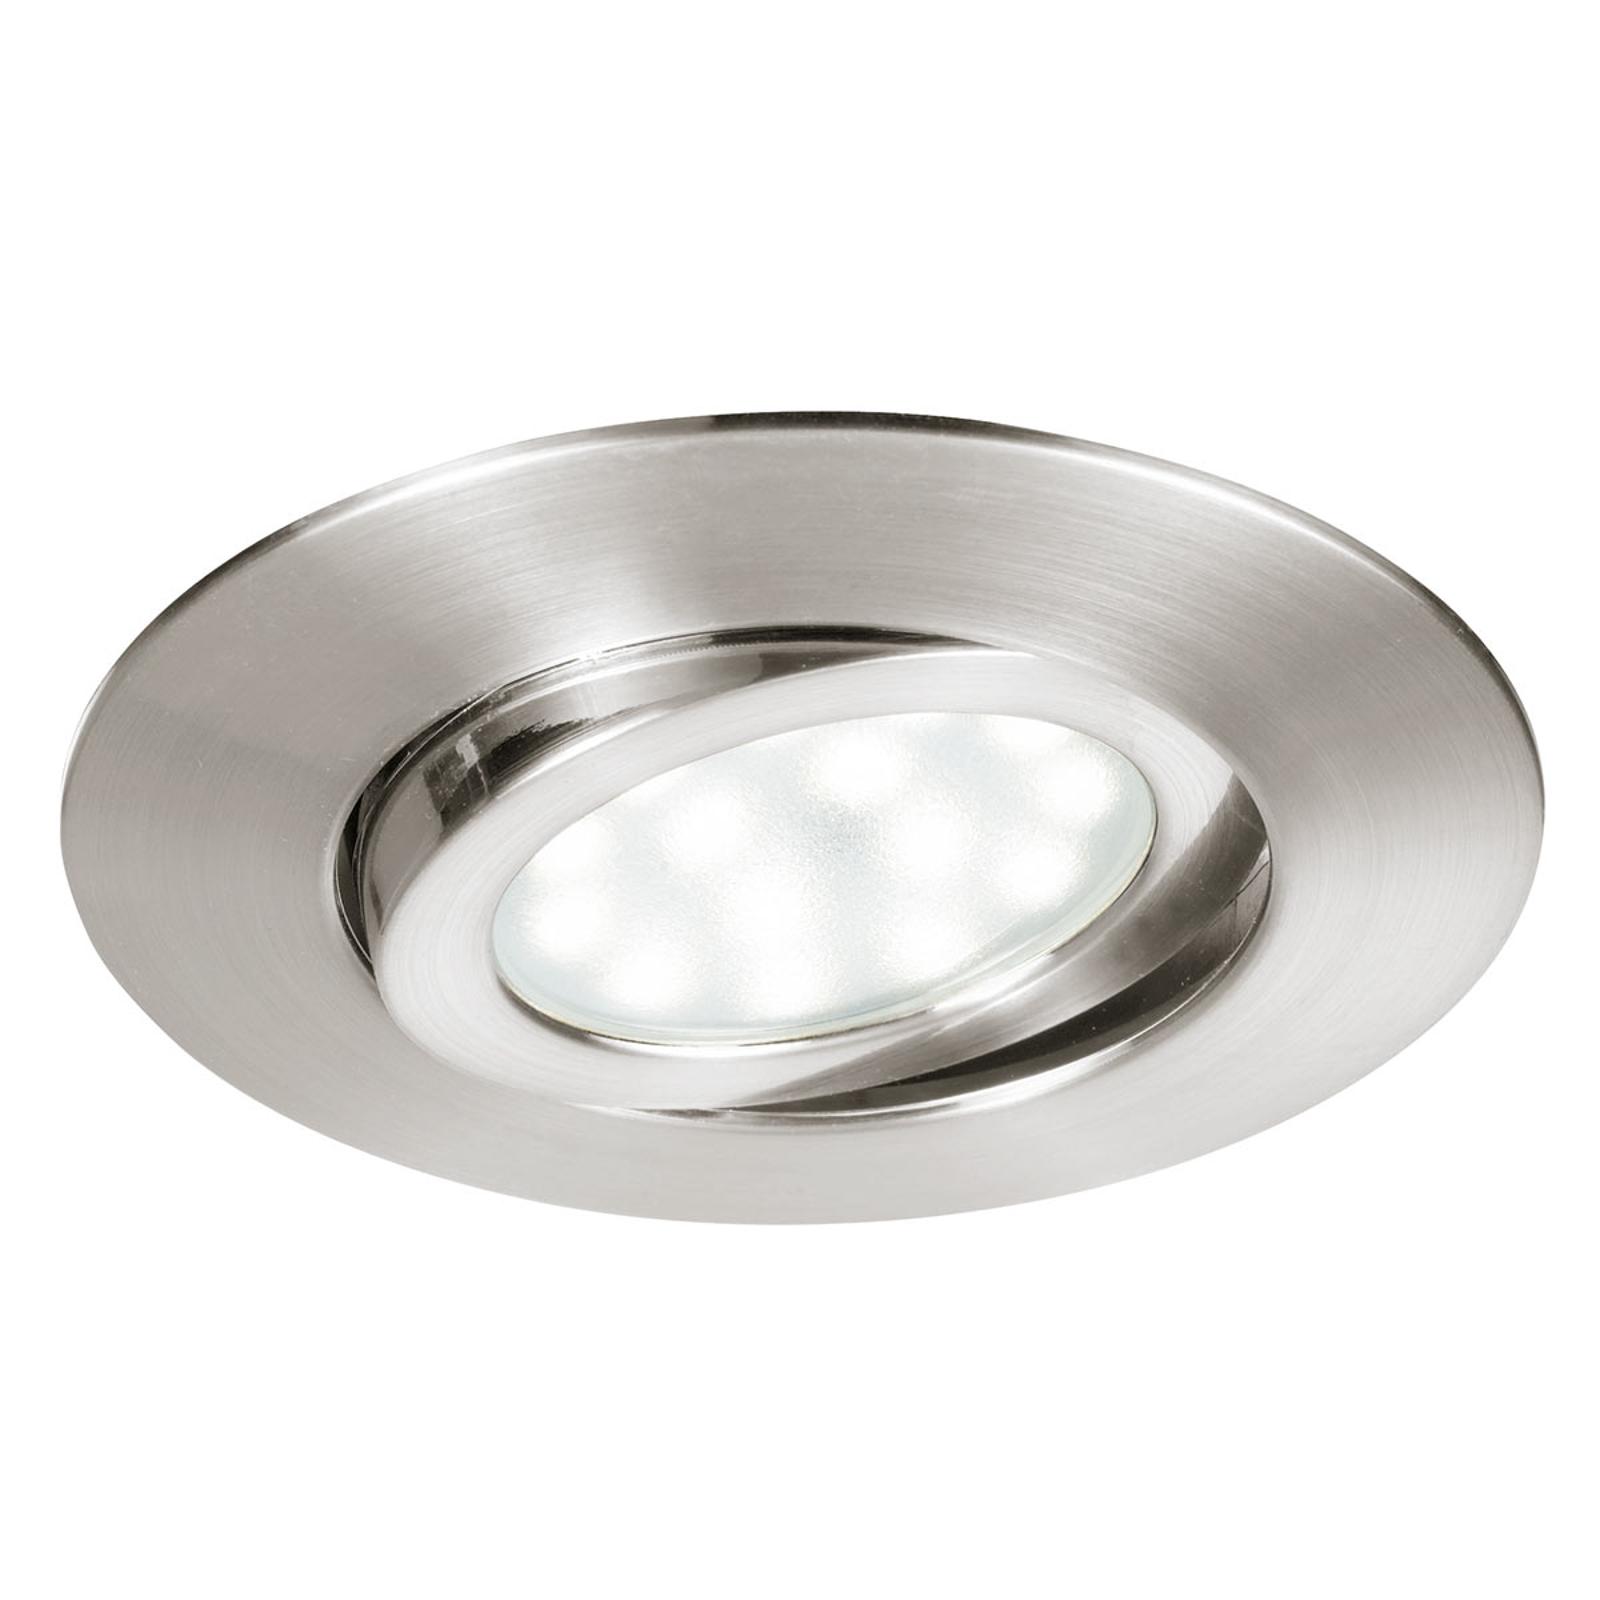 Acquista Zenit - spot LED da incasso nichel